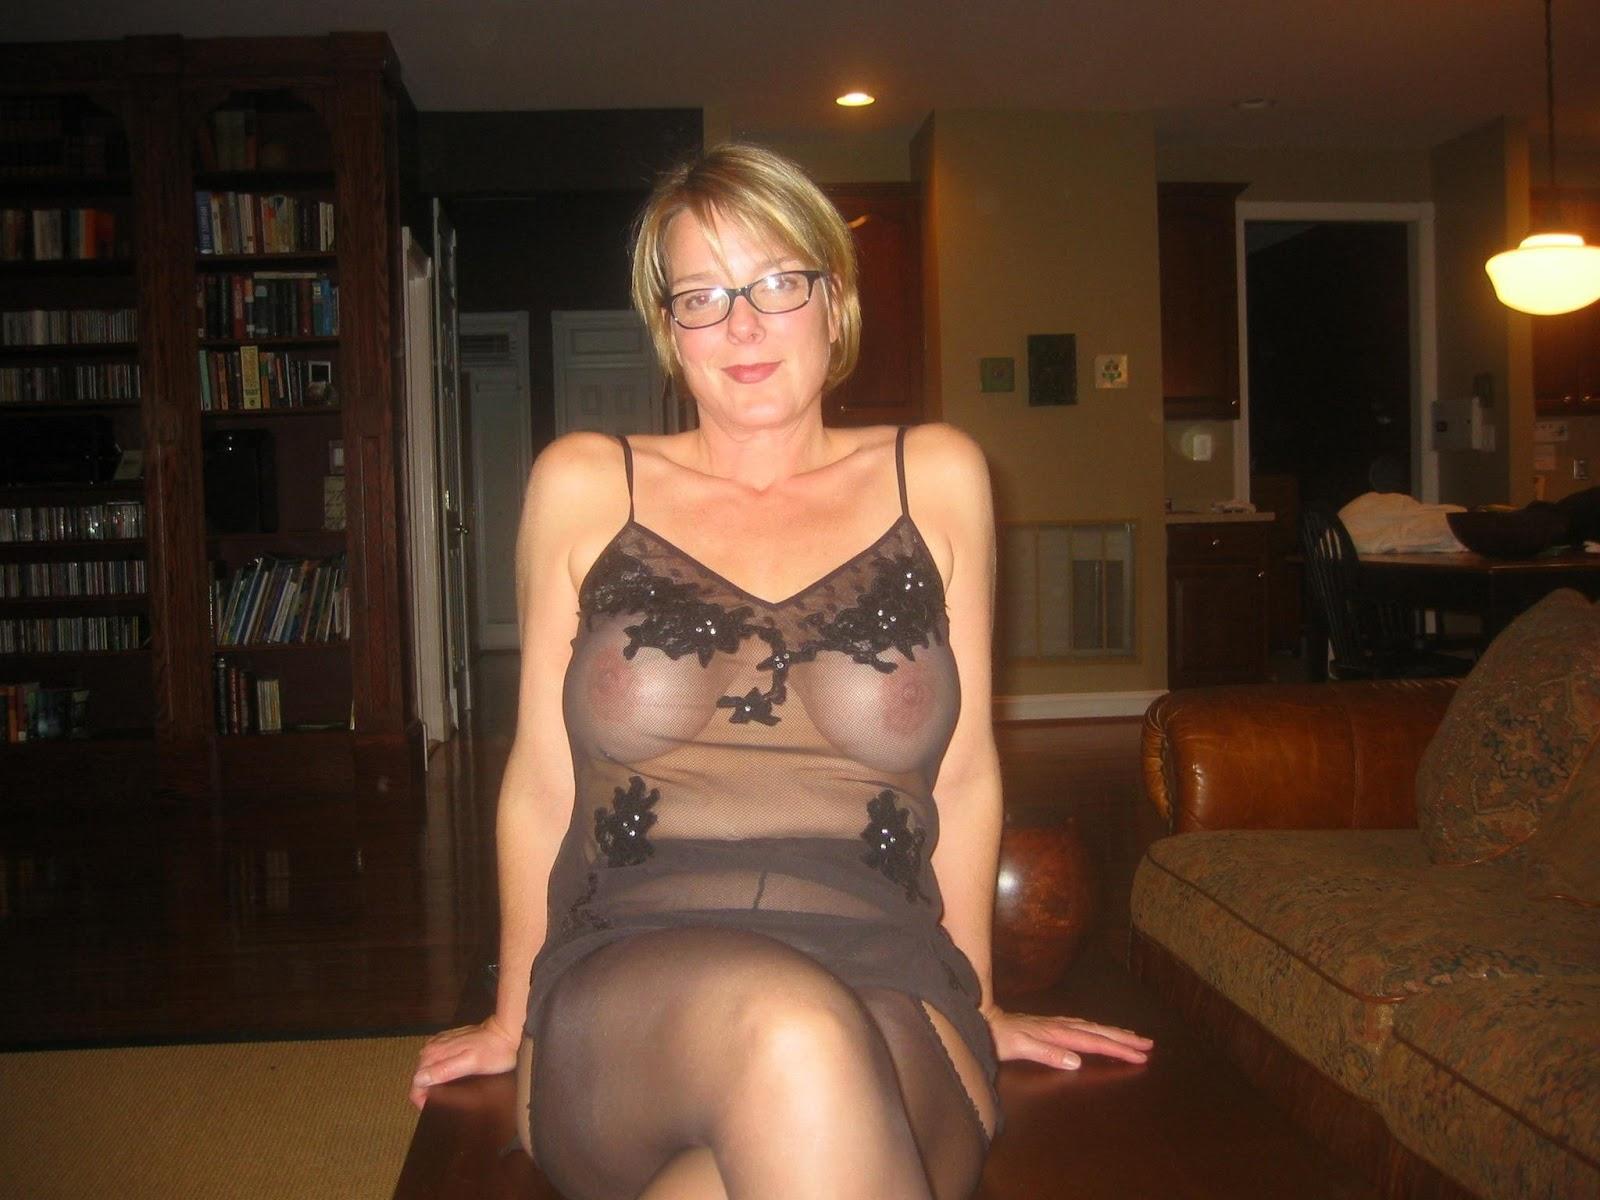 Фото дам в возрасте смотреть бесплатно, Зрелые женщины: порно фото на Возбуждает! 2 фотография